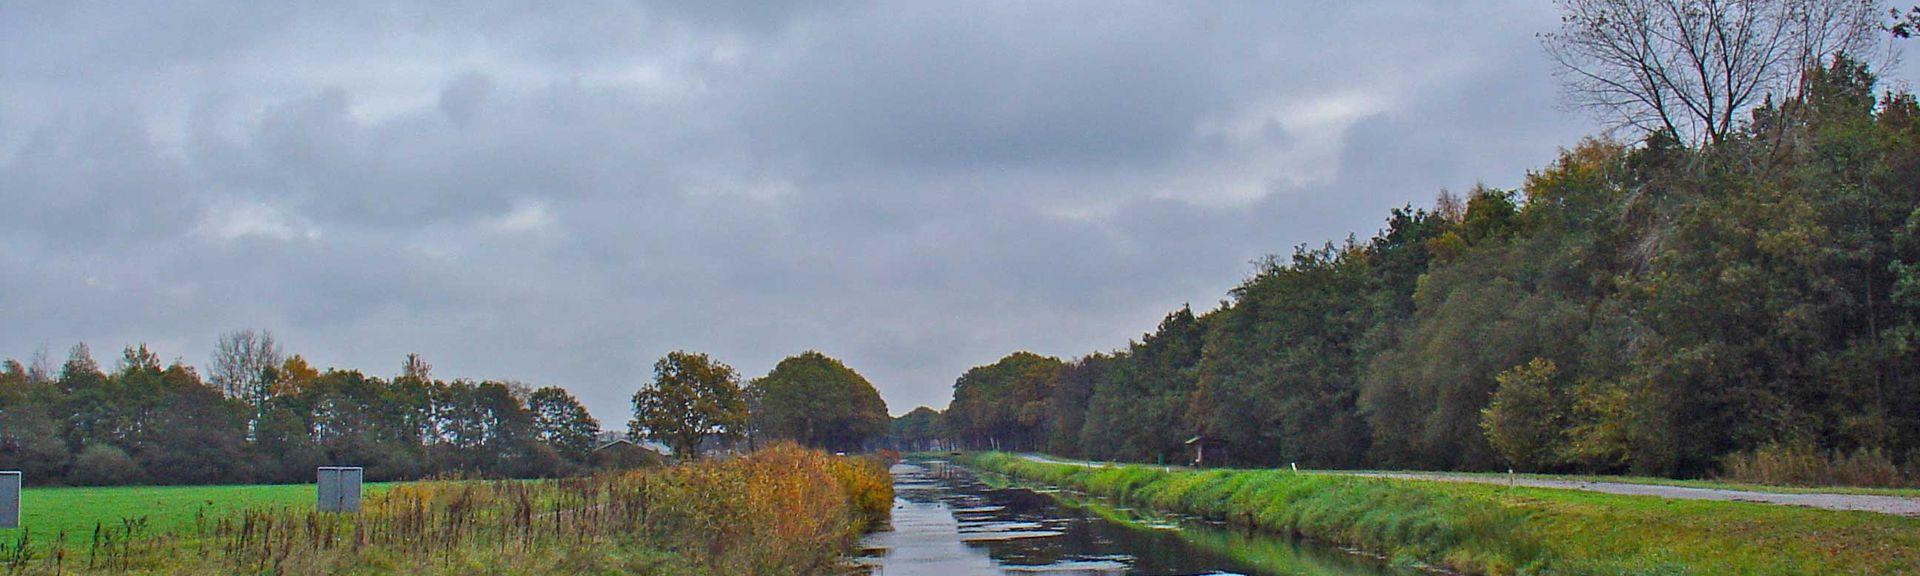 Eext, Drenthe, Niederlande